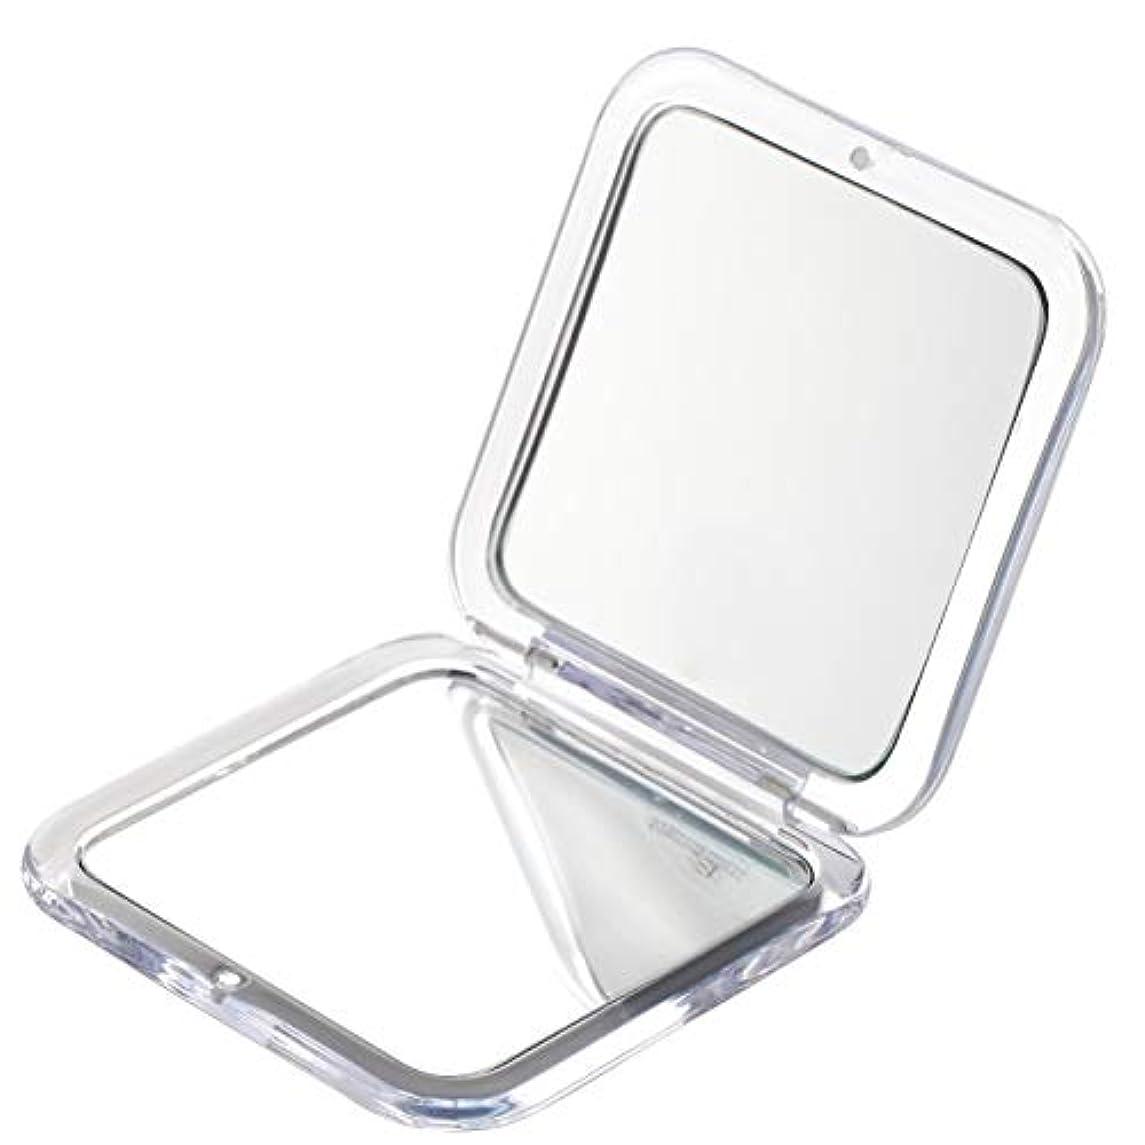 かご逆上がるMiss Sweet コンパクトミラー 両面鏡 化粧鏡 拡大鏡 1倍*5倍